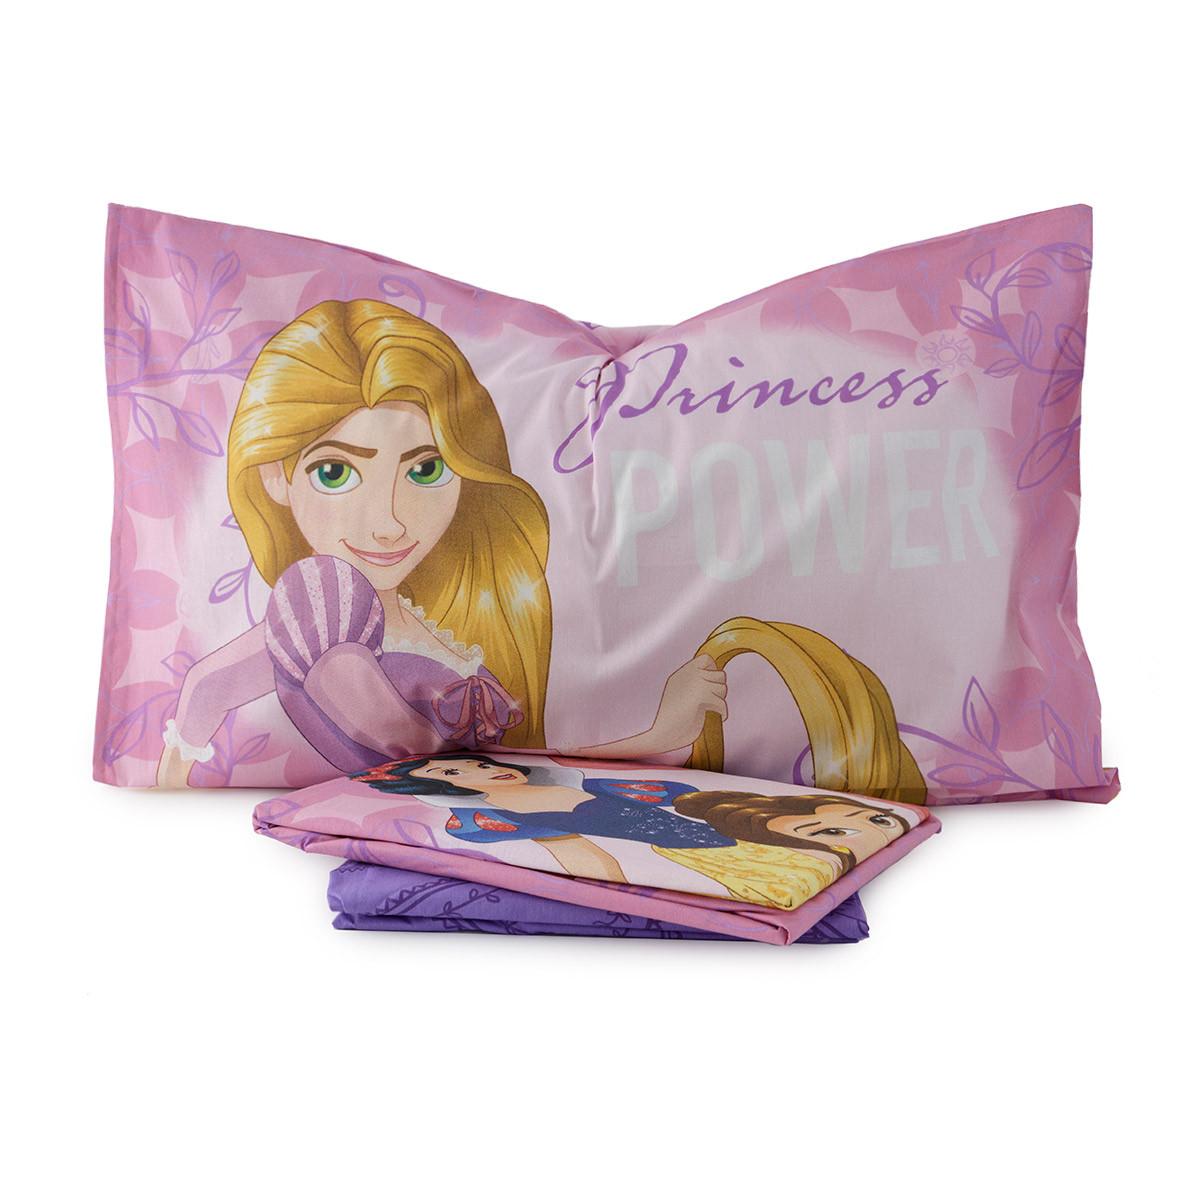 Completo lenzuola principesse originale disney letto singolo 1 piazza soho milano - Completo lenzuola letto singolo ...